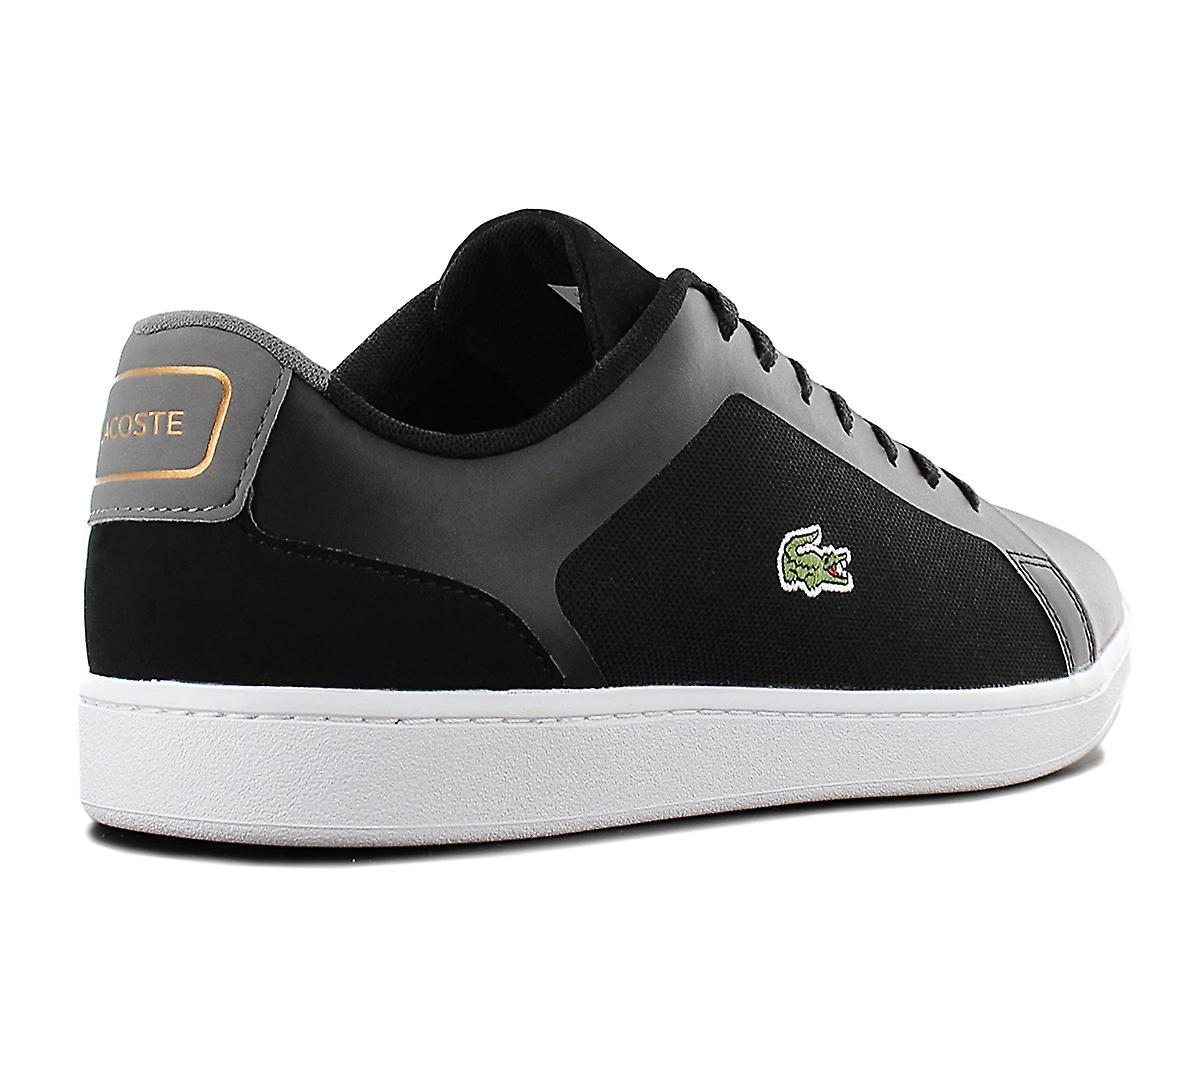 Lacoste Endliner 318 7-36spm0020237 Herren Schuhe Schwarz Sneakers Sportschuhe